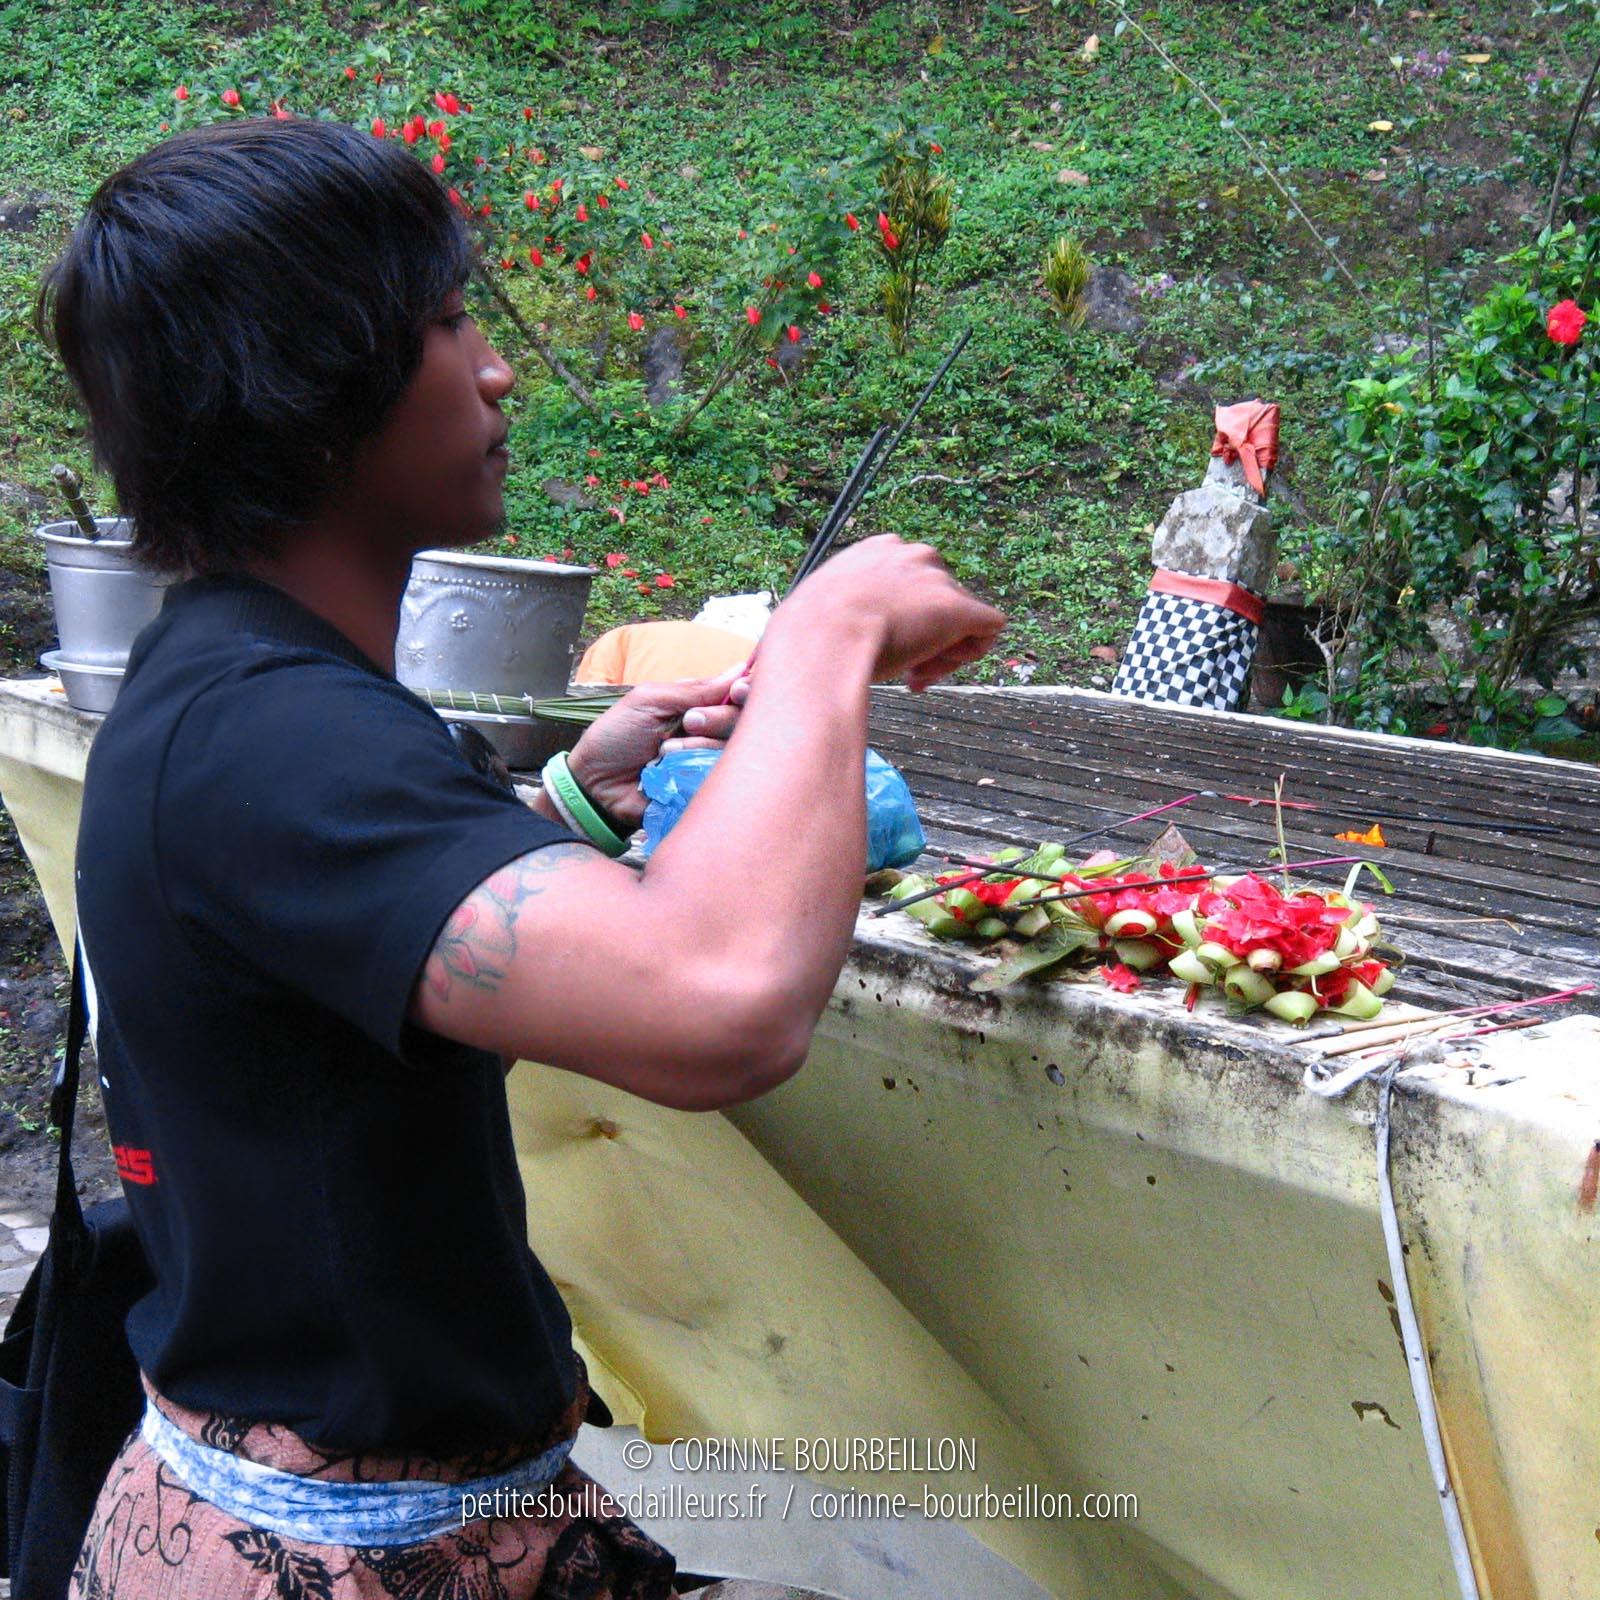 Offrandes au temple de Lempuyang. Région d'Amed et Amlapura. Bali, Indonésie, juillet 2008.